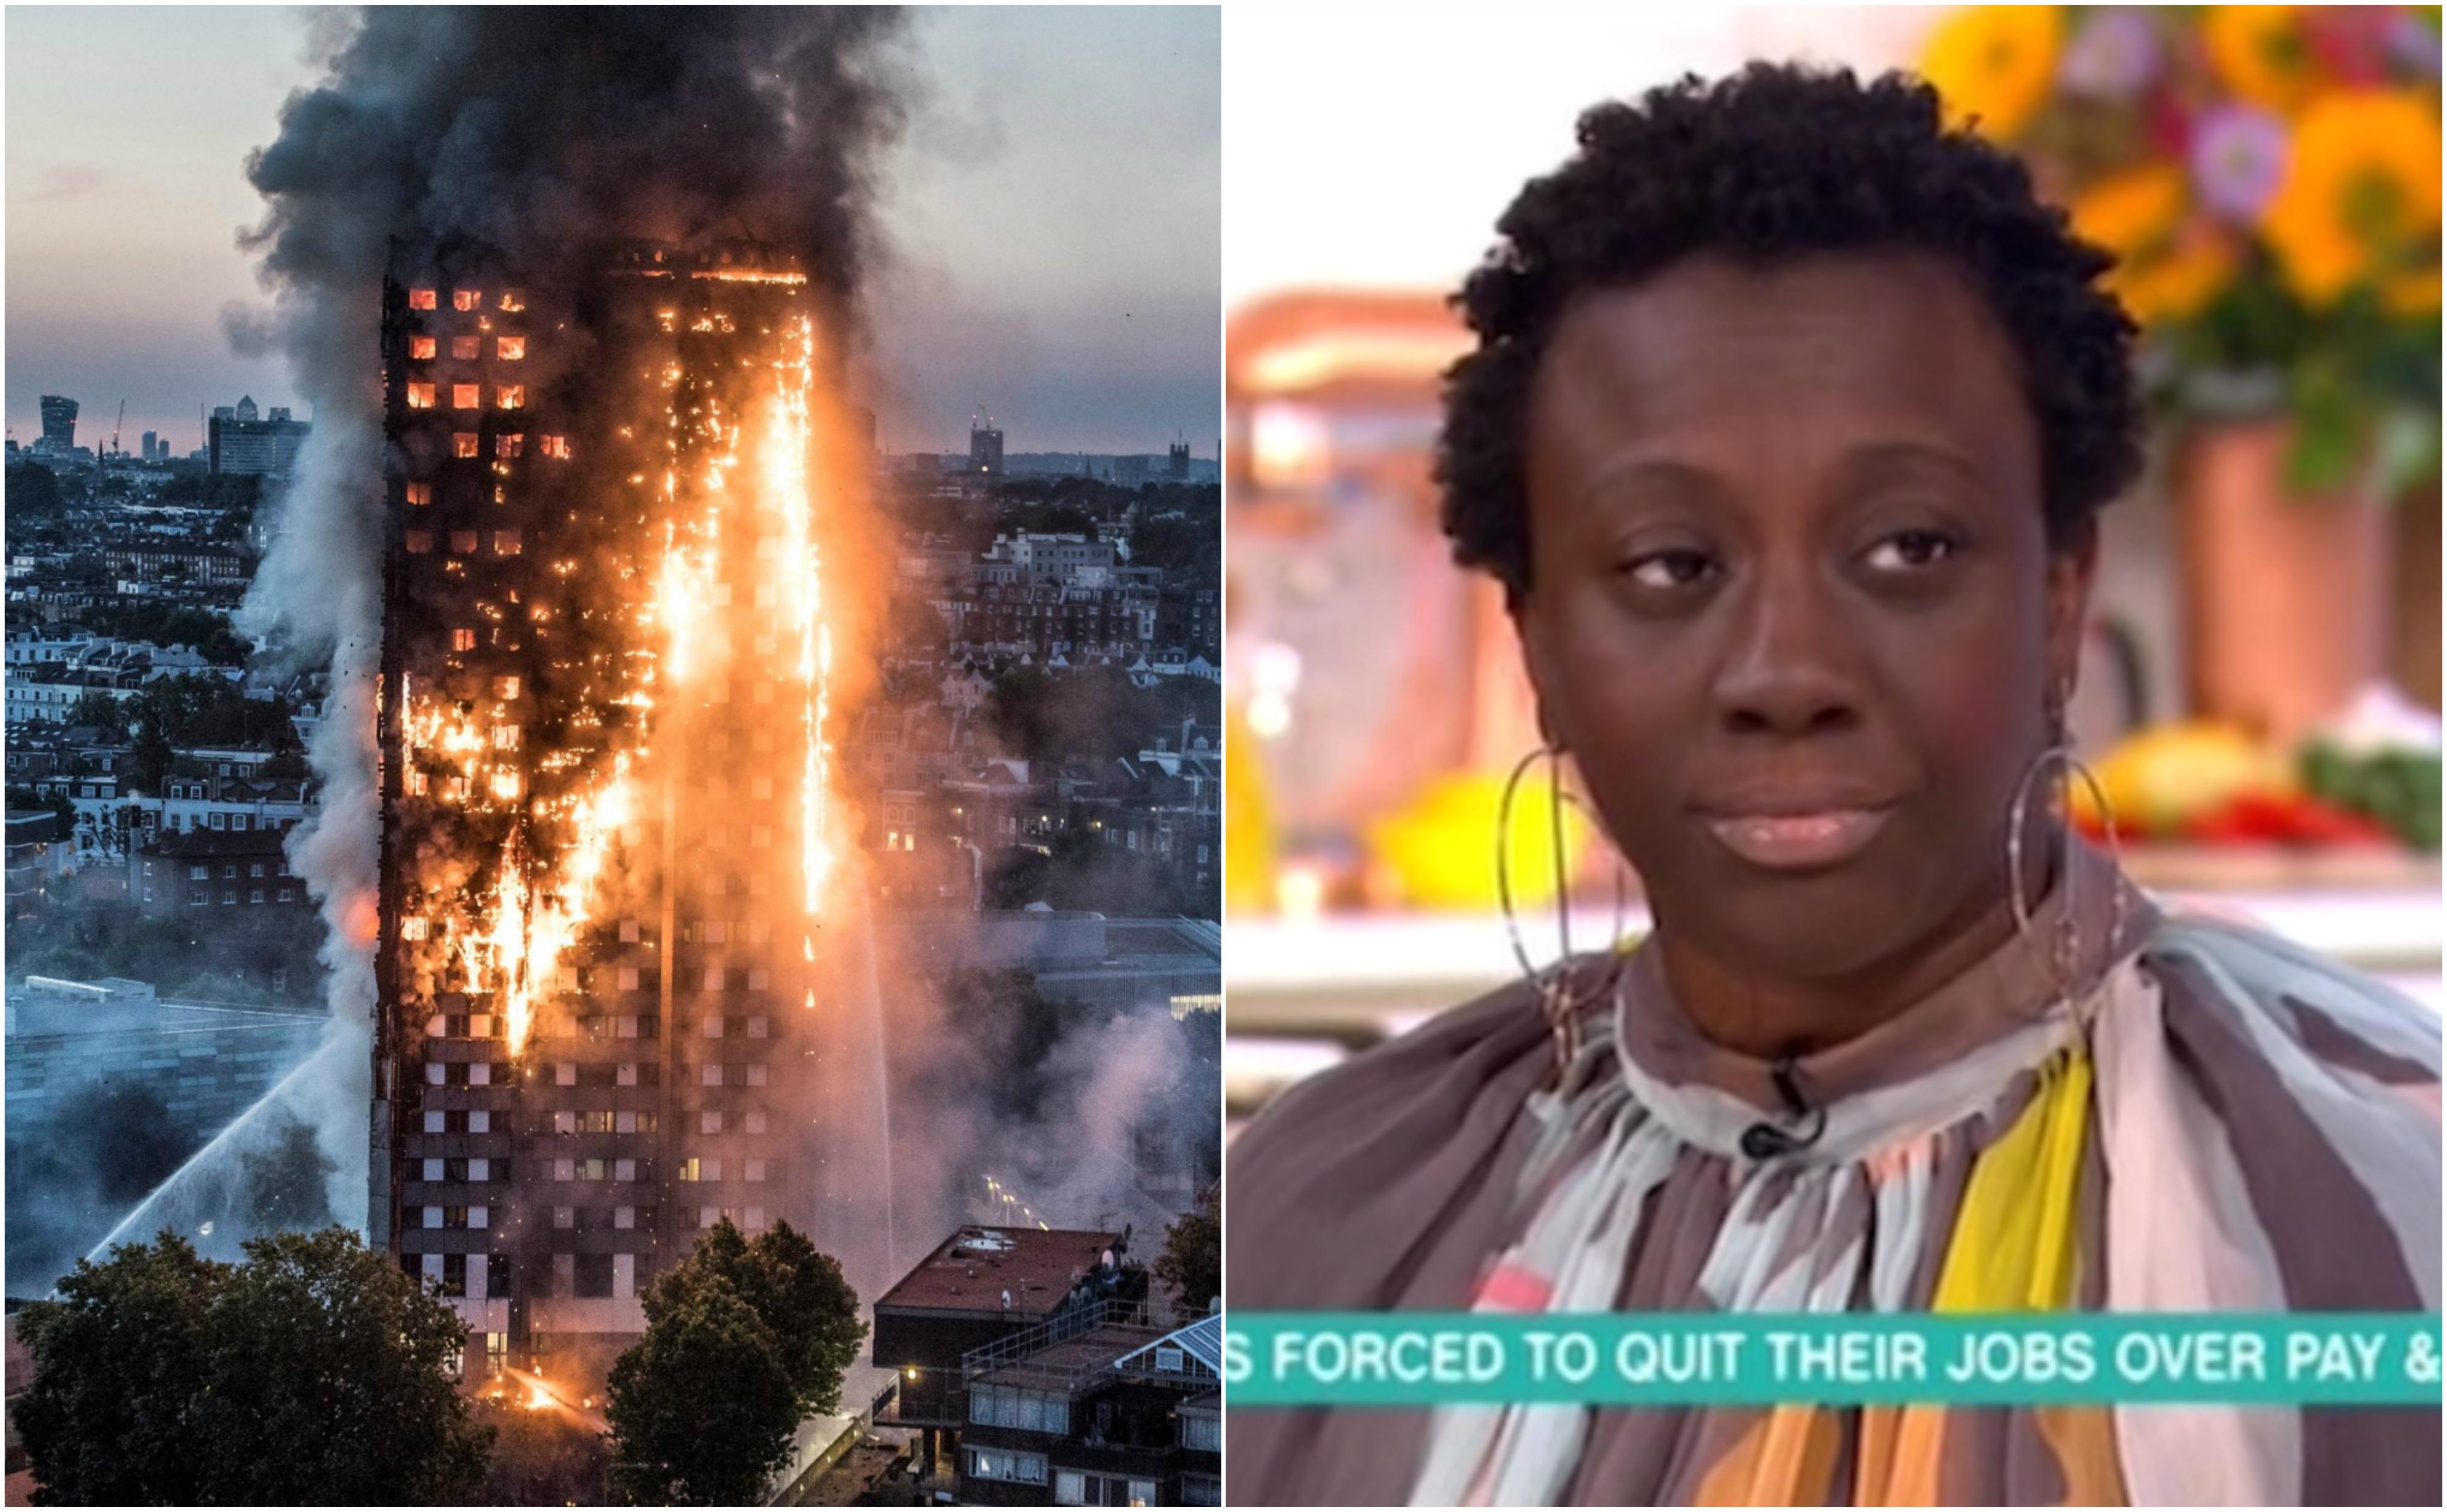 Triste histoire pour cette infirmière, héroïne du feu de la tour de Londres